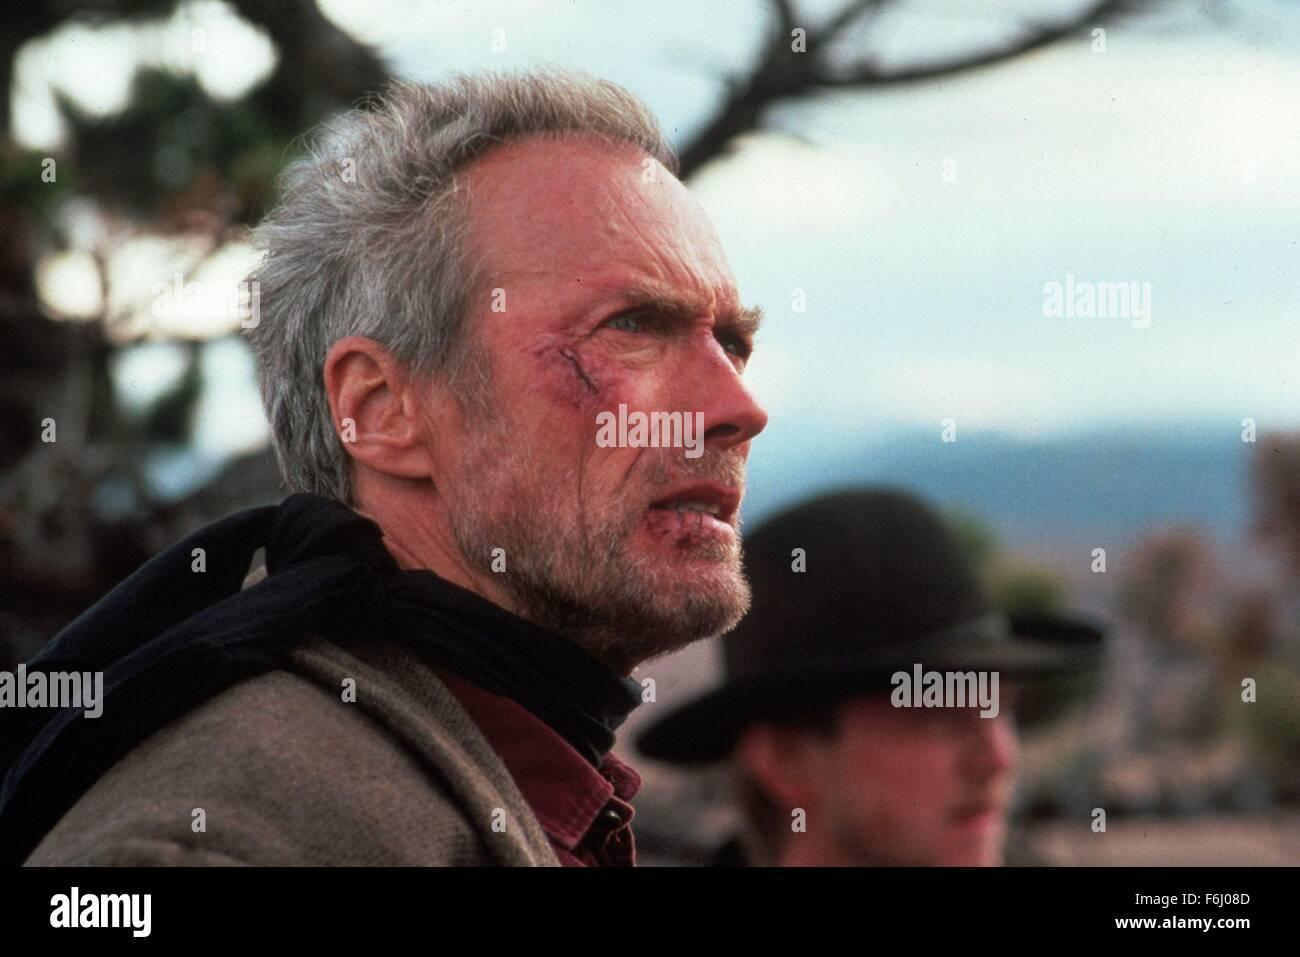 1992, Film Title: UNFORGIVEN, Director: CLINT EASTWOOD, Studio: WARNER. (Credit Image: SNAP) - Stock Image